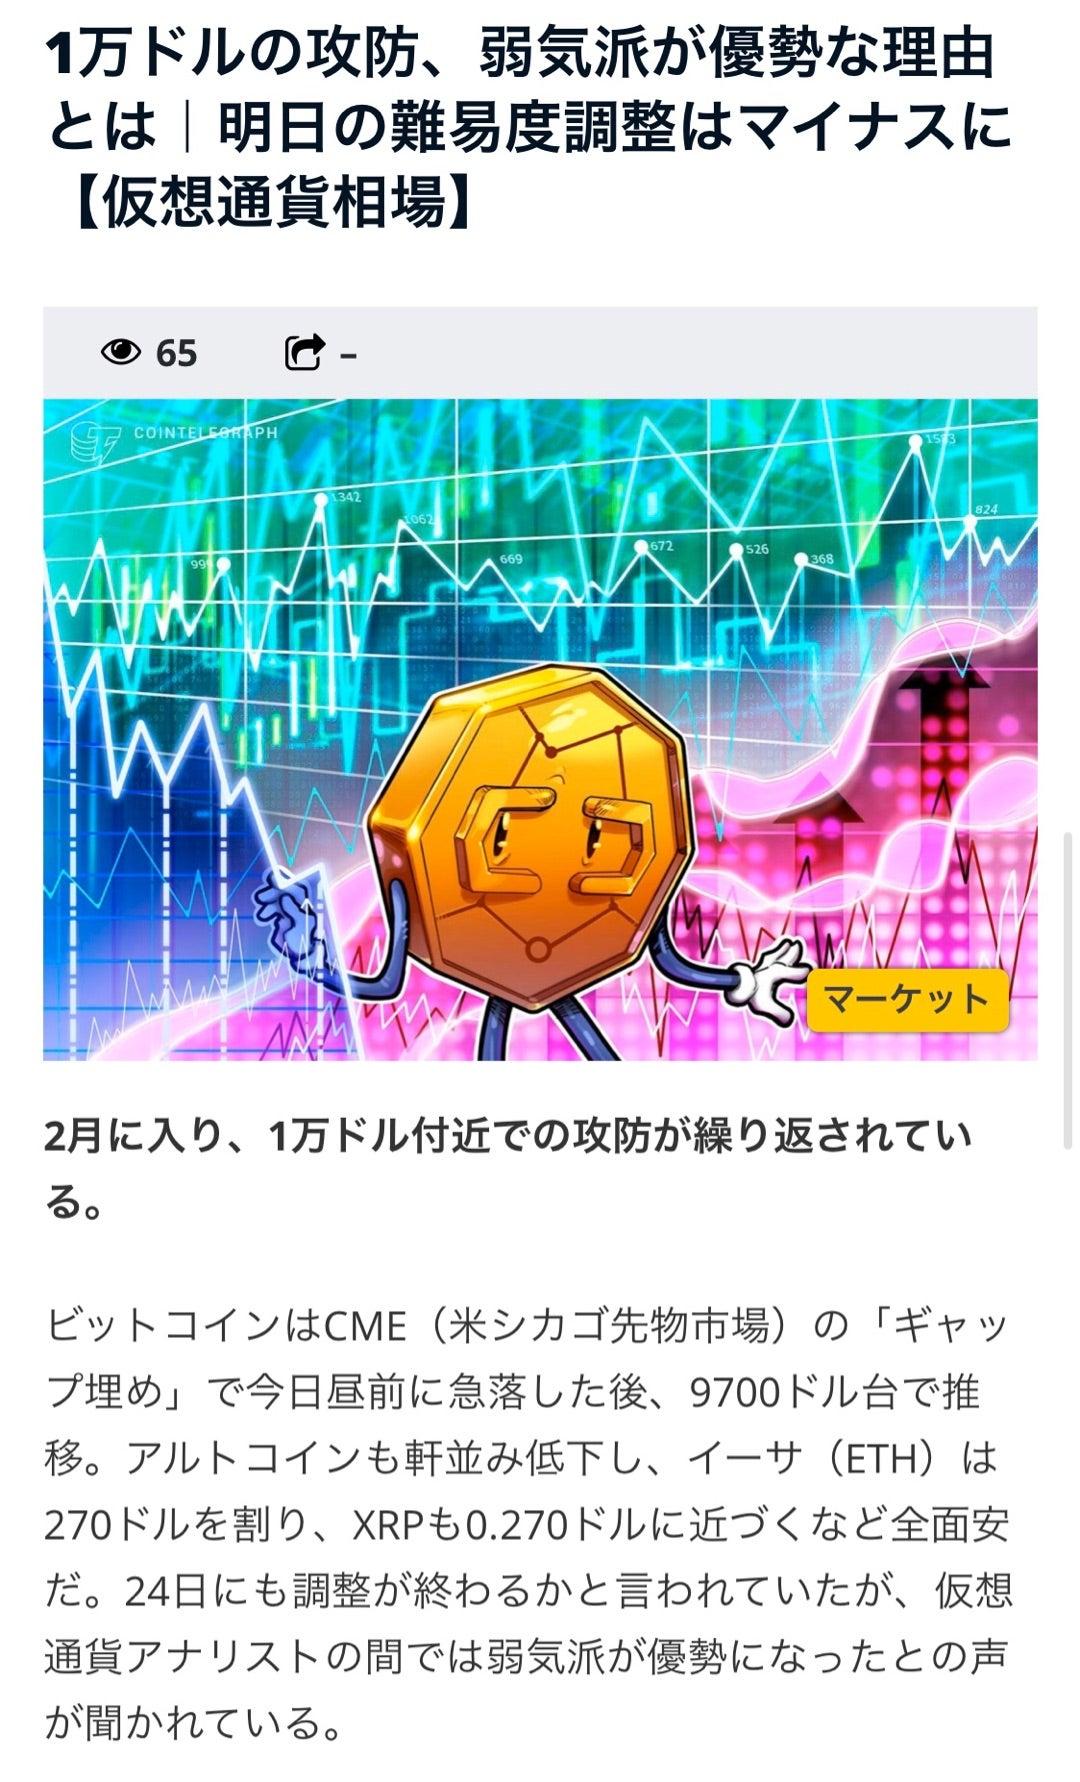 仮想通貨を始めるのはもう遅いのか?今からでも儲かる?